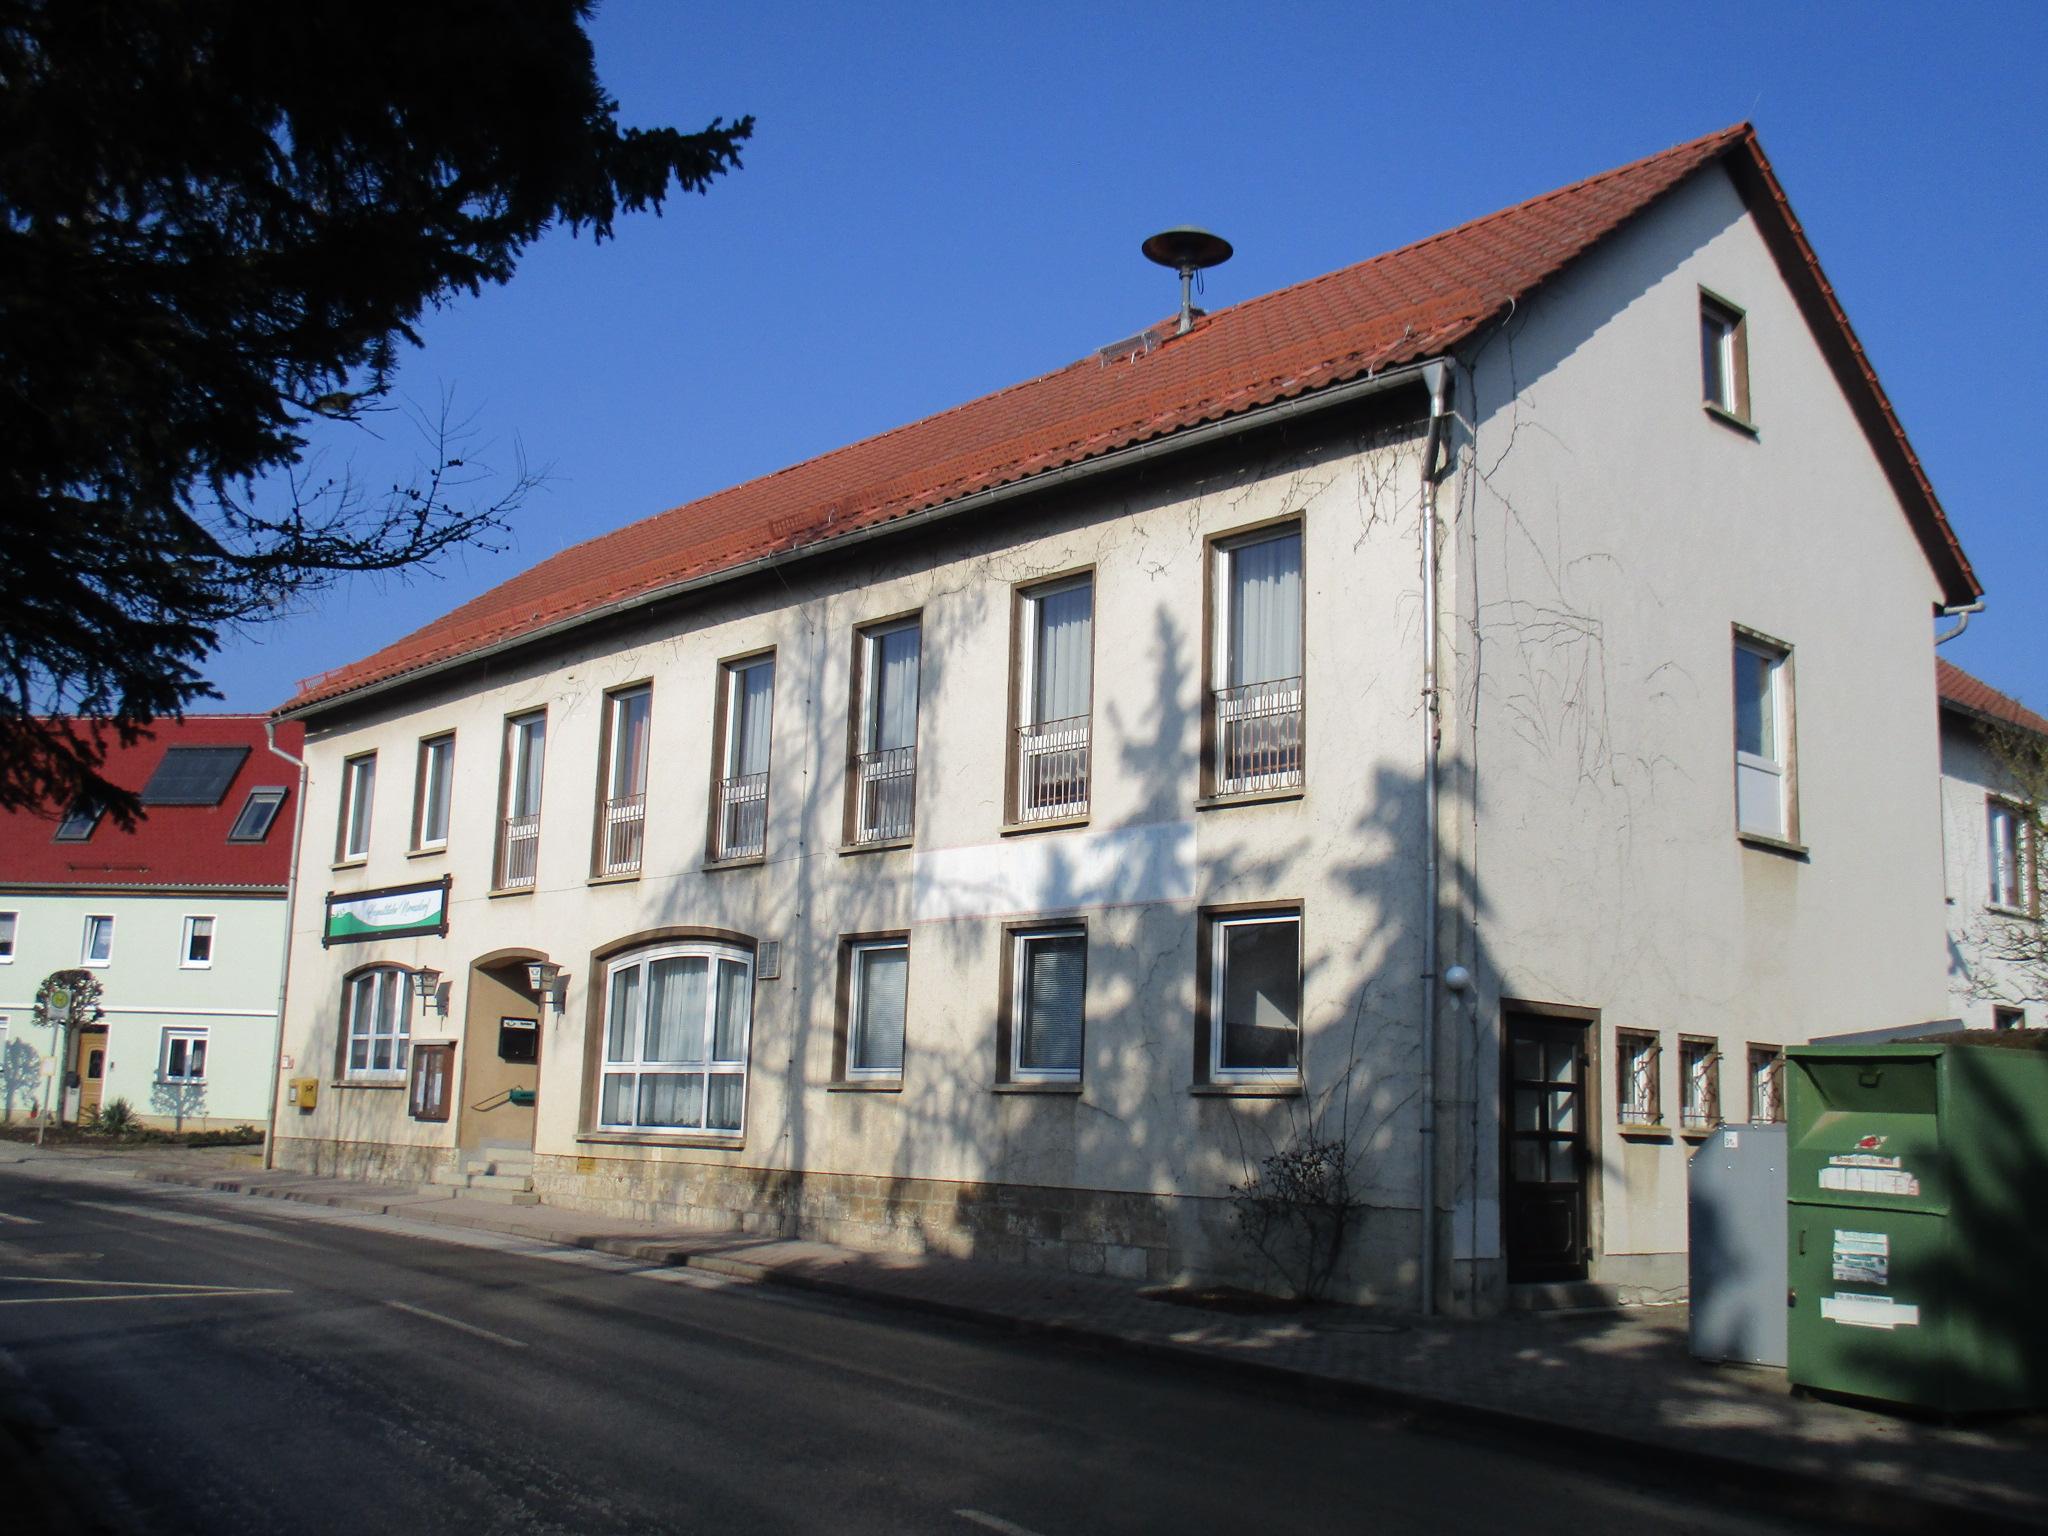 Heimatstube Nirmsdorf, RAG Weimarer Land - Mittelthüringen e.V.